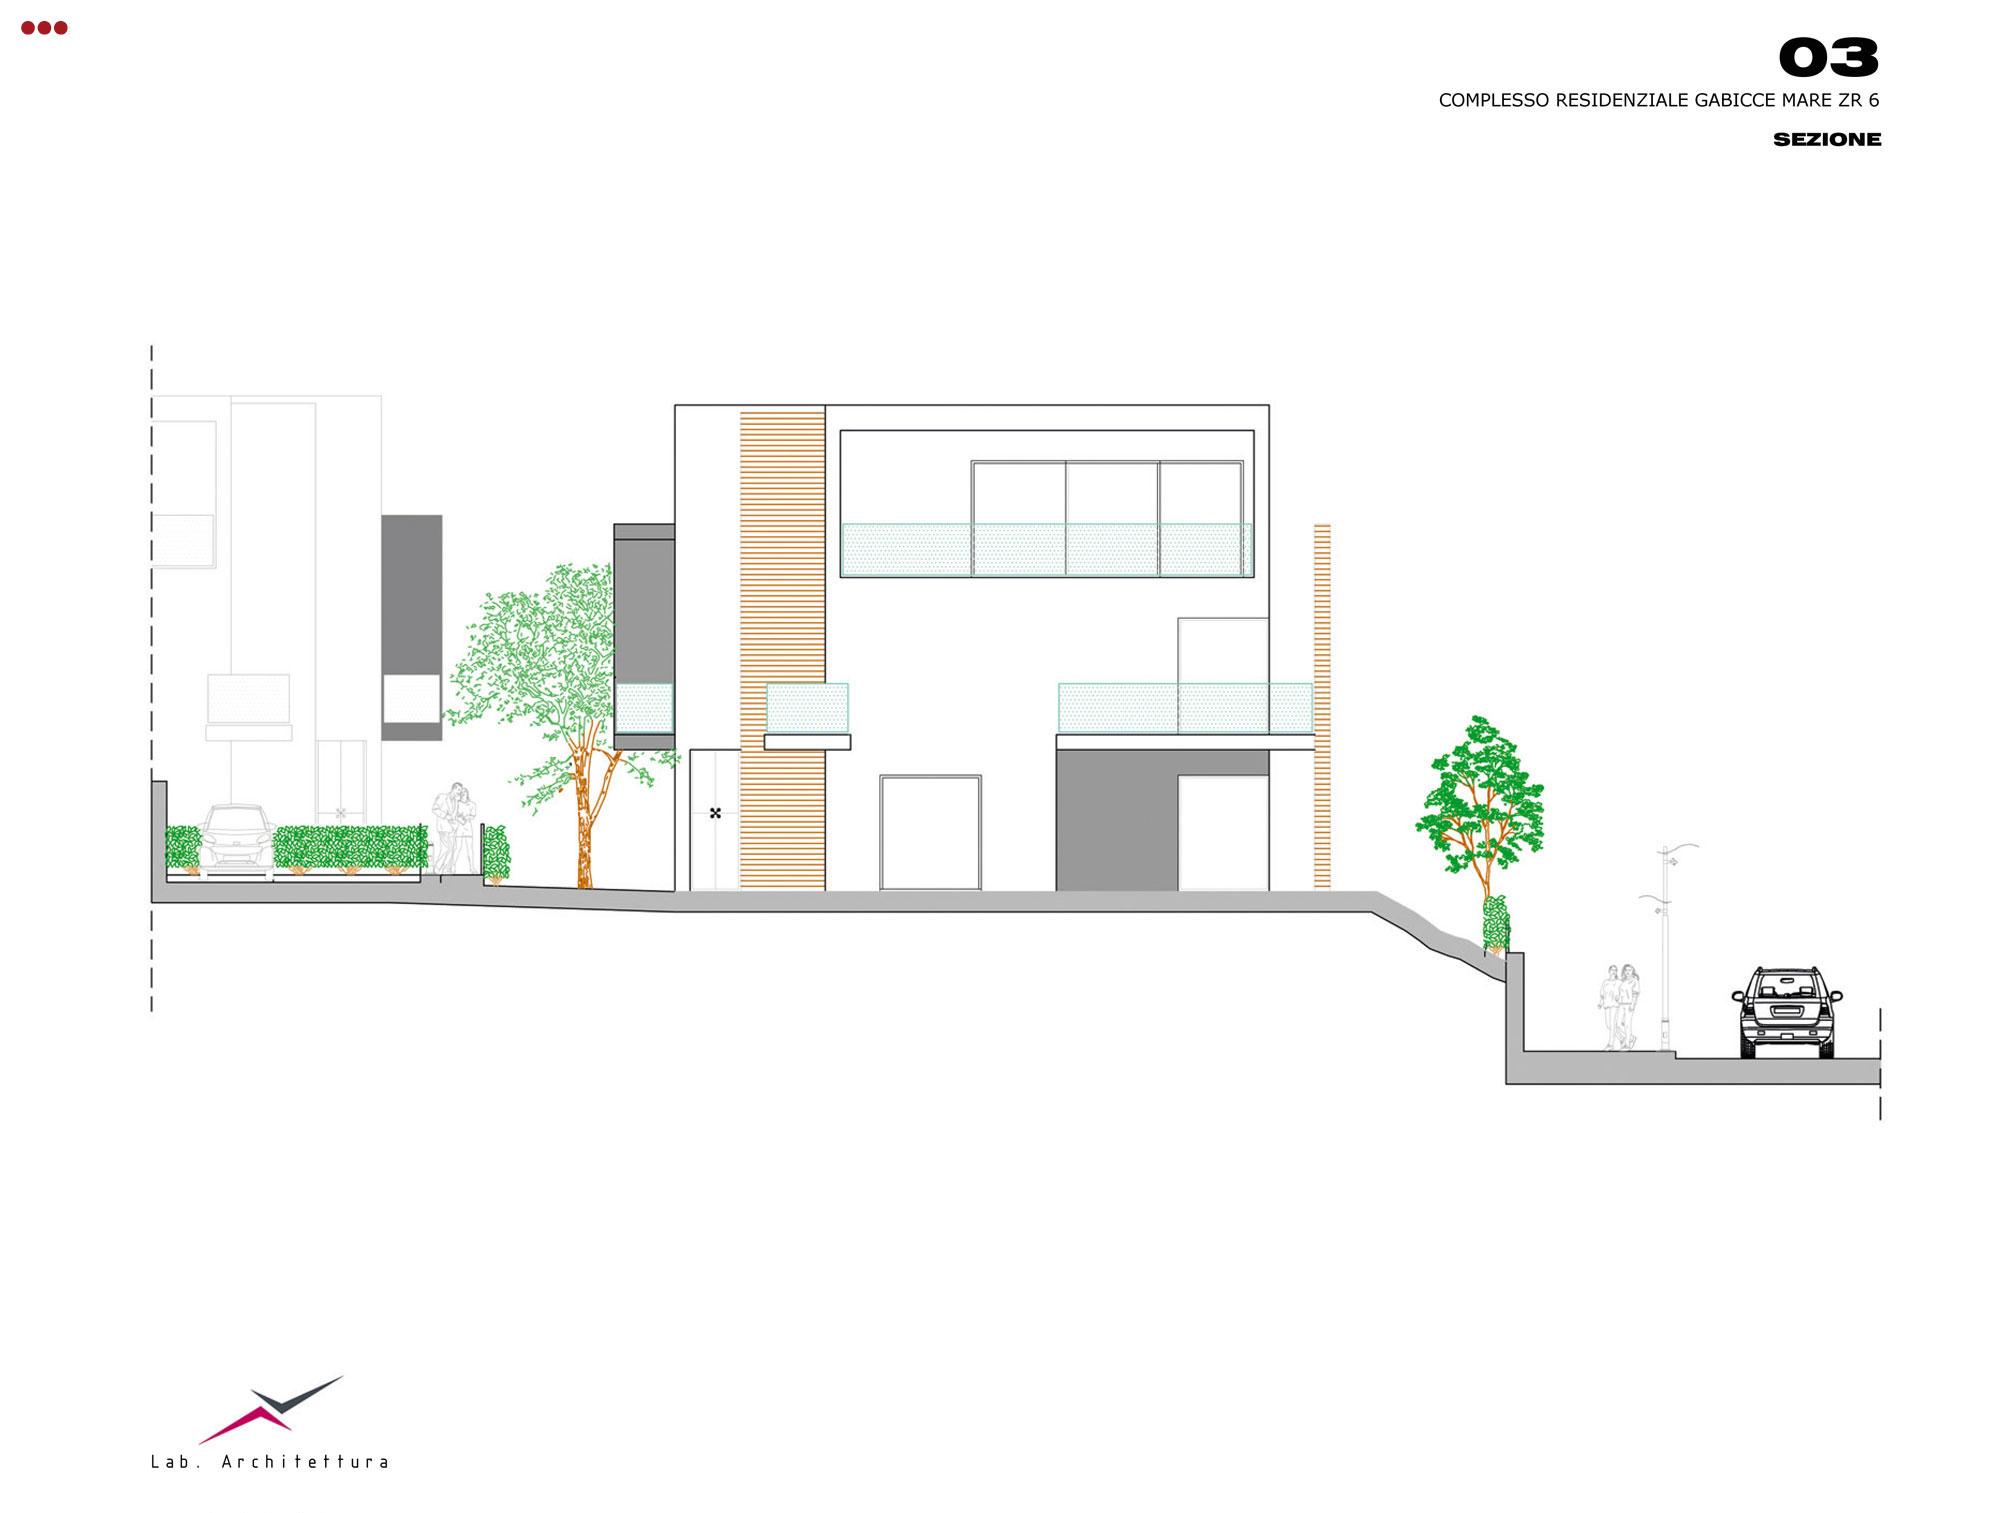 rendering 3d modeling architettura costruzioni studio bartolini gabicce rimini 4